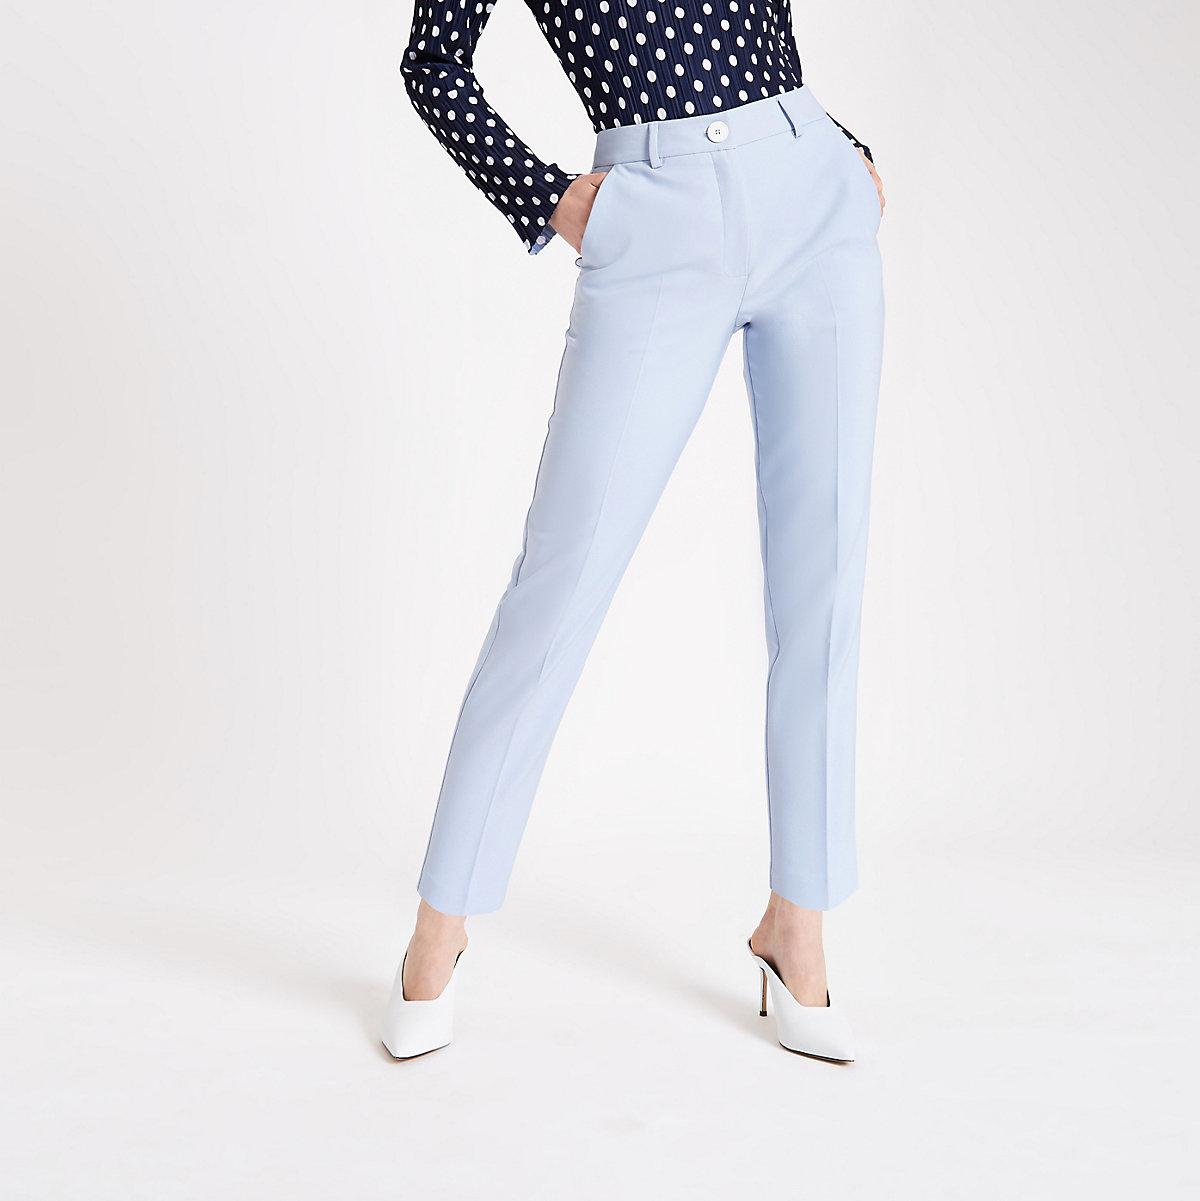 Light blue cigarette pants